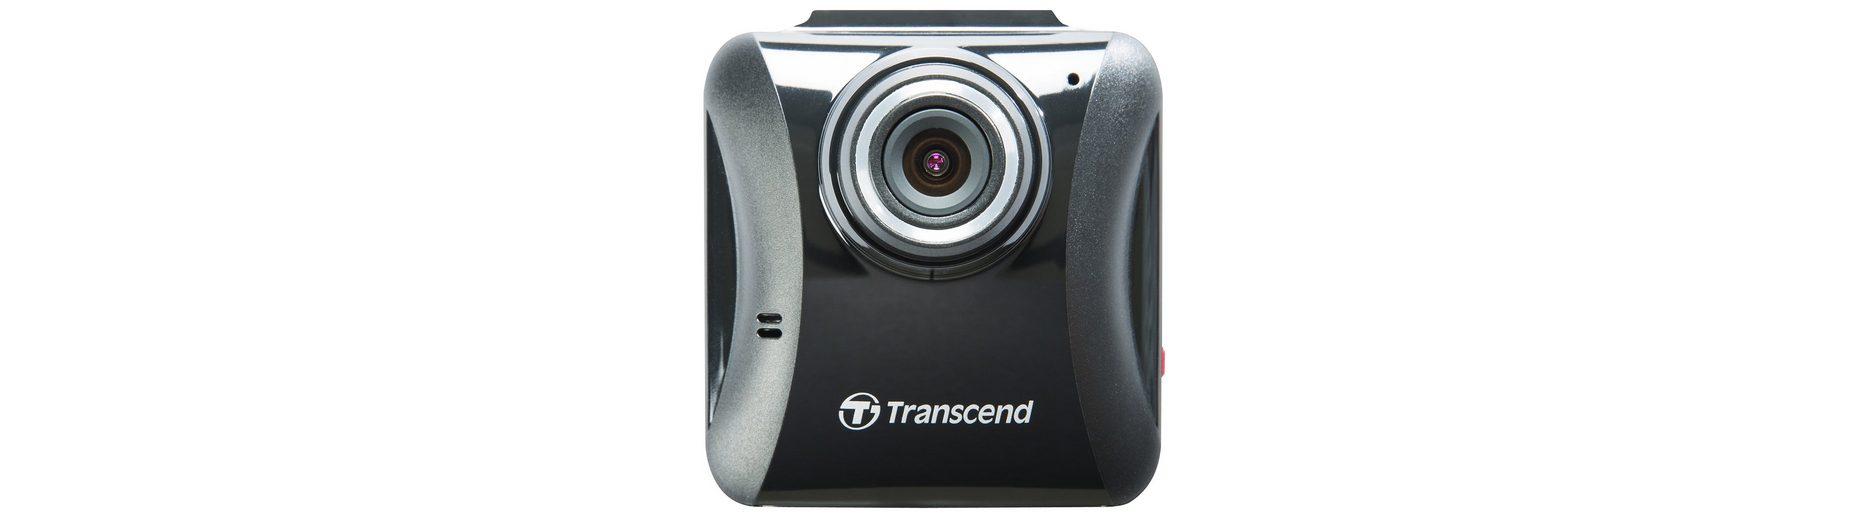 Transcend DrivePro 100 Auto-Kamera (Full HD) mit Klebehalterung